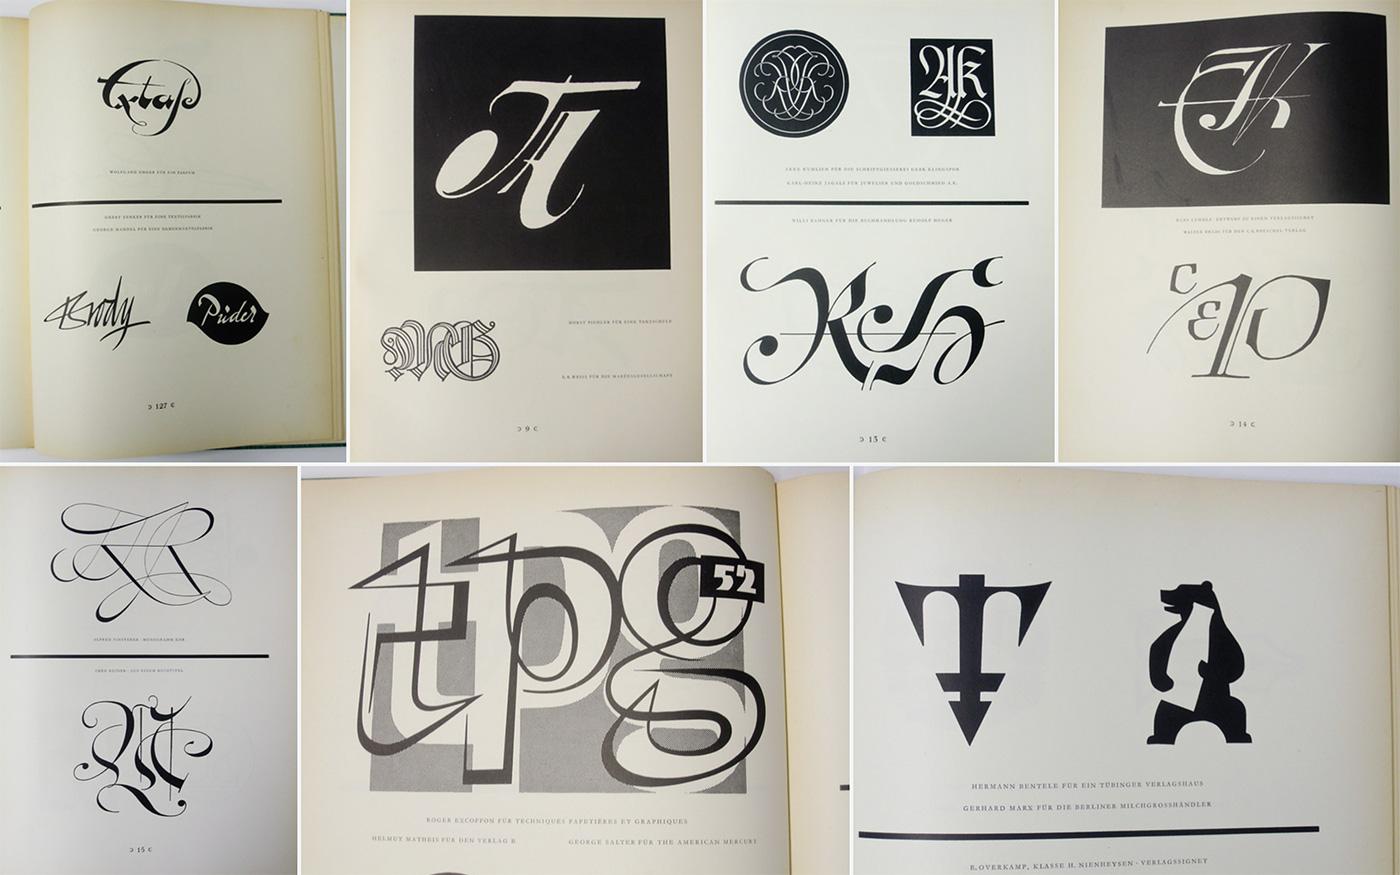 Marken und Signete book